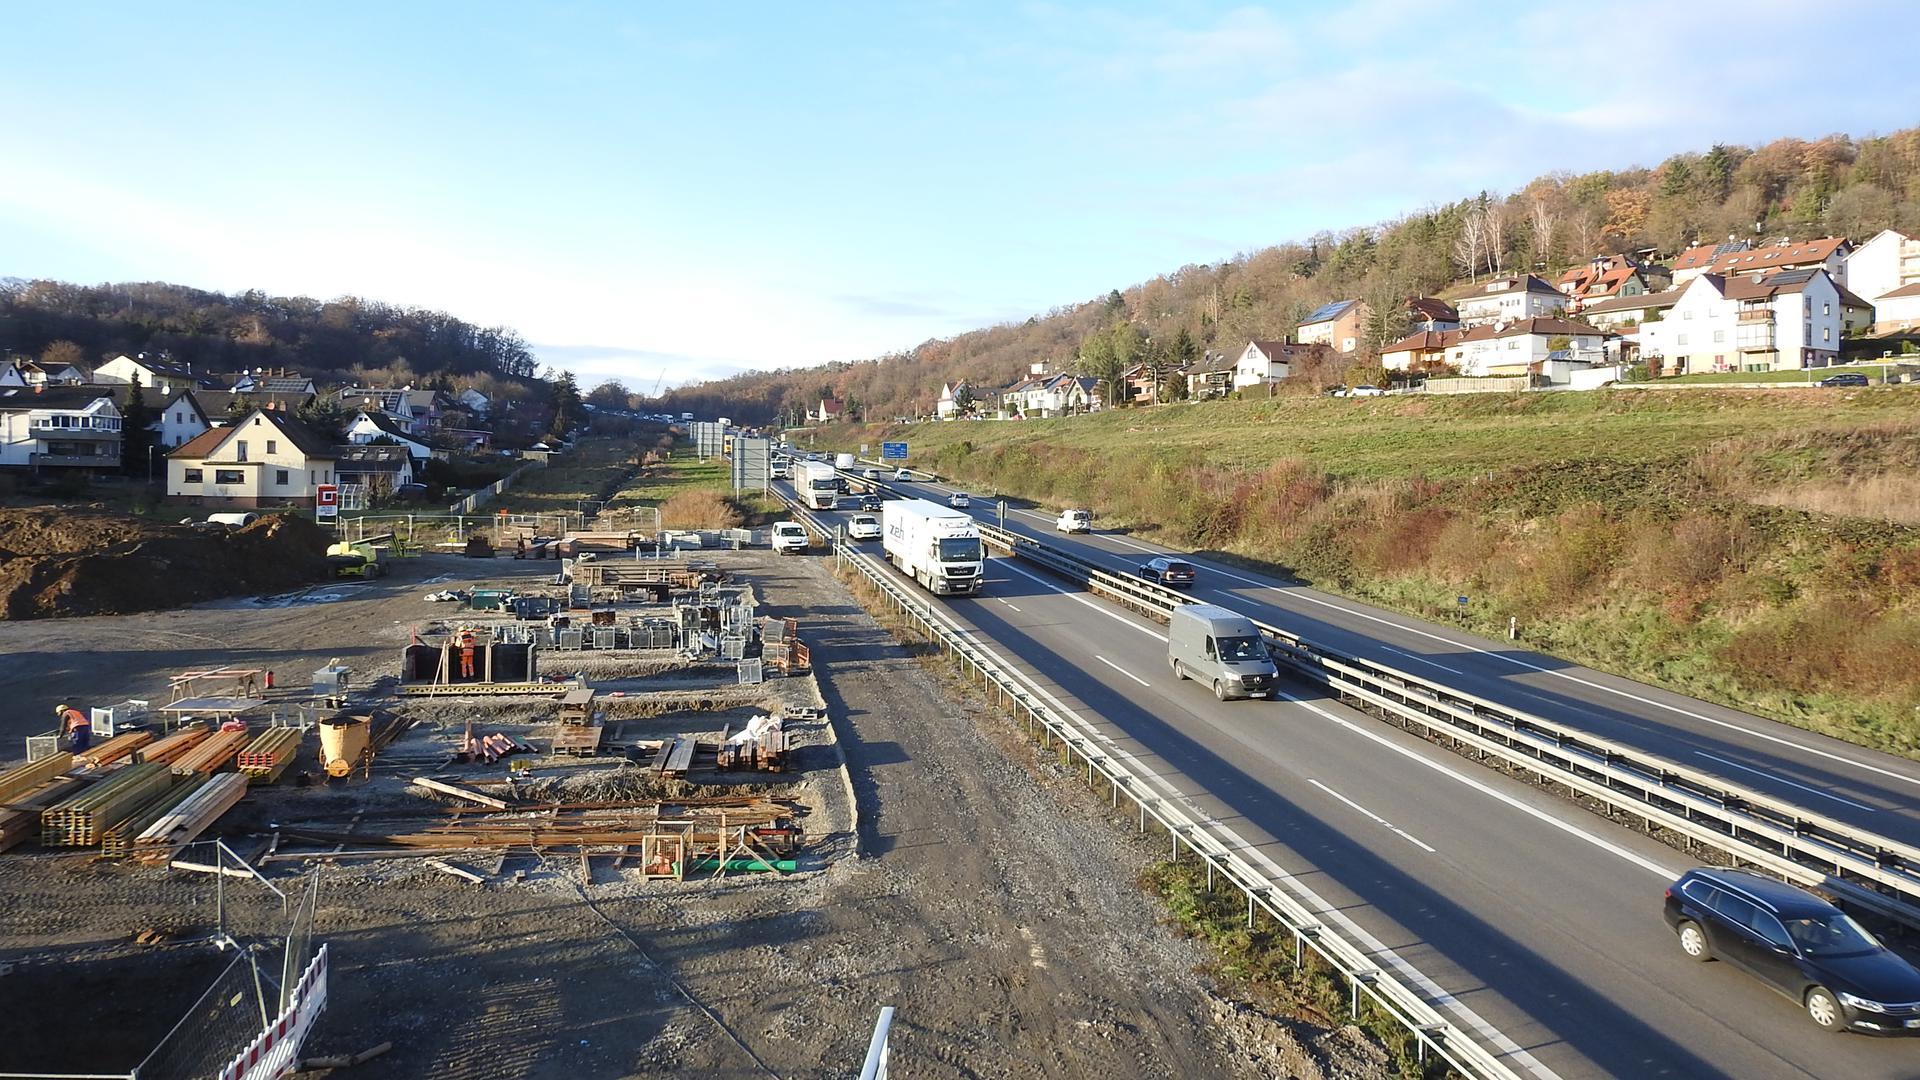 Die A8 im Enztal bei Pforzheim. Links und rechts sieht man Wohnbebauung. An dieser Stelle hätten sich lokale Vertreter eine Lärmschutzeinhausung gewünscht.